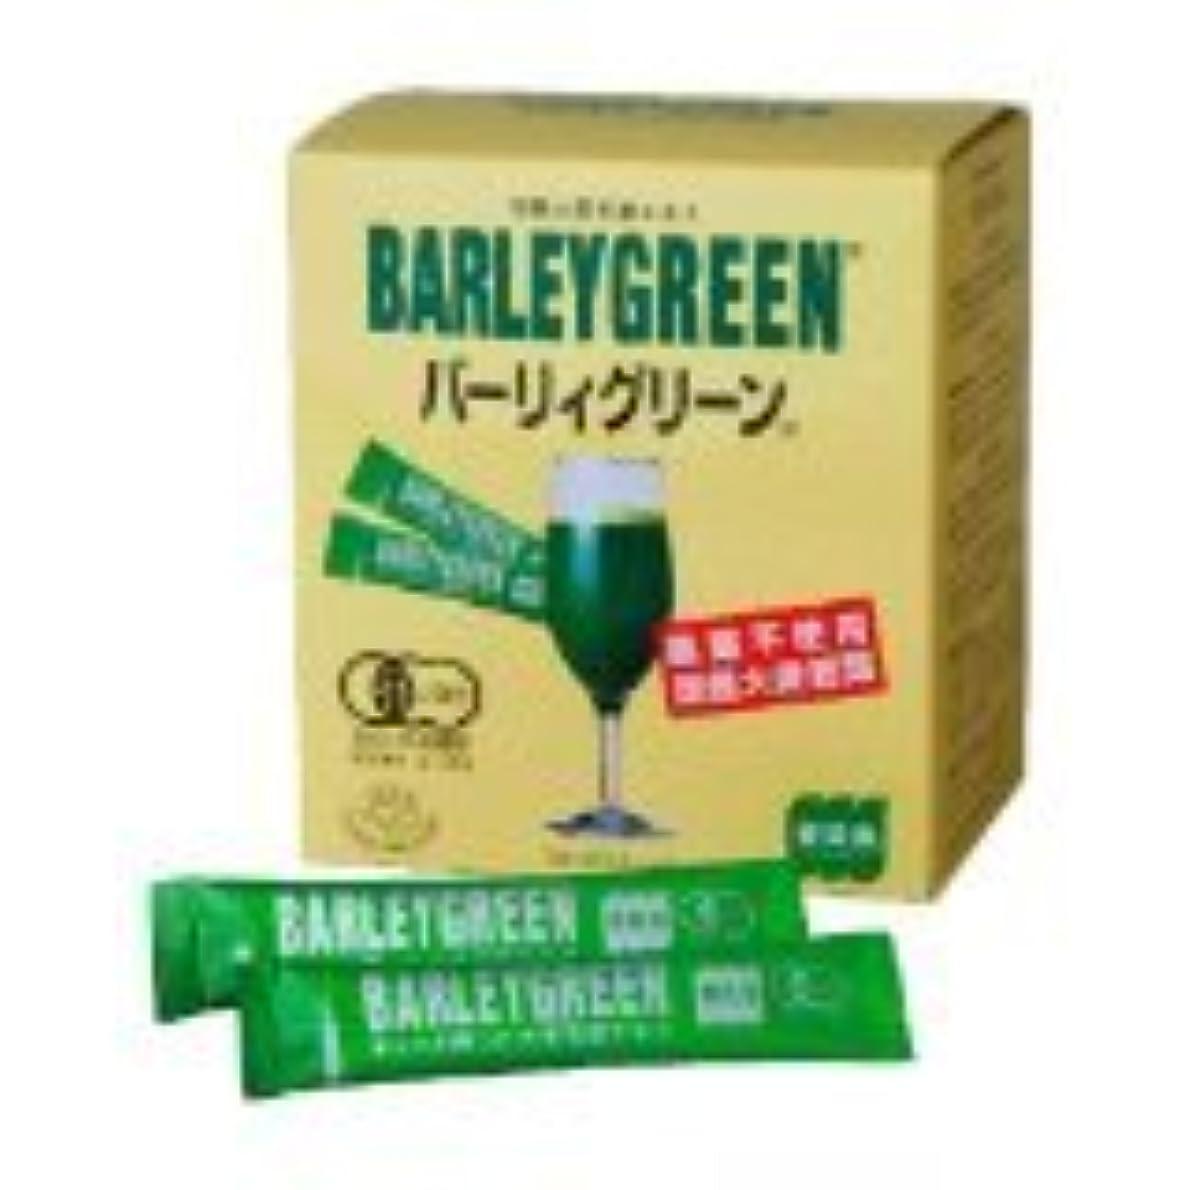 免疫するロードハウス備品有機大麦若葉エキス バーリィグリーン 60包×3個